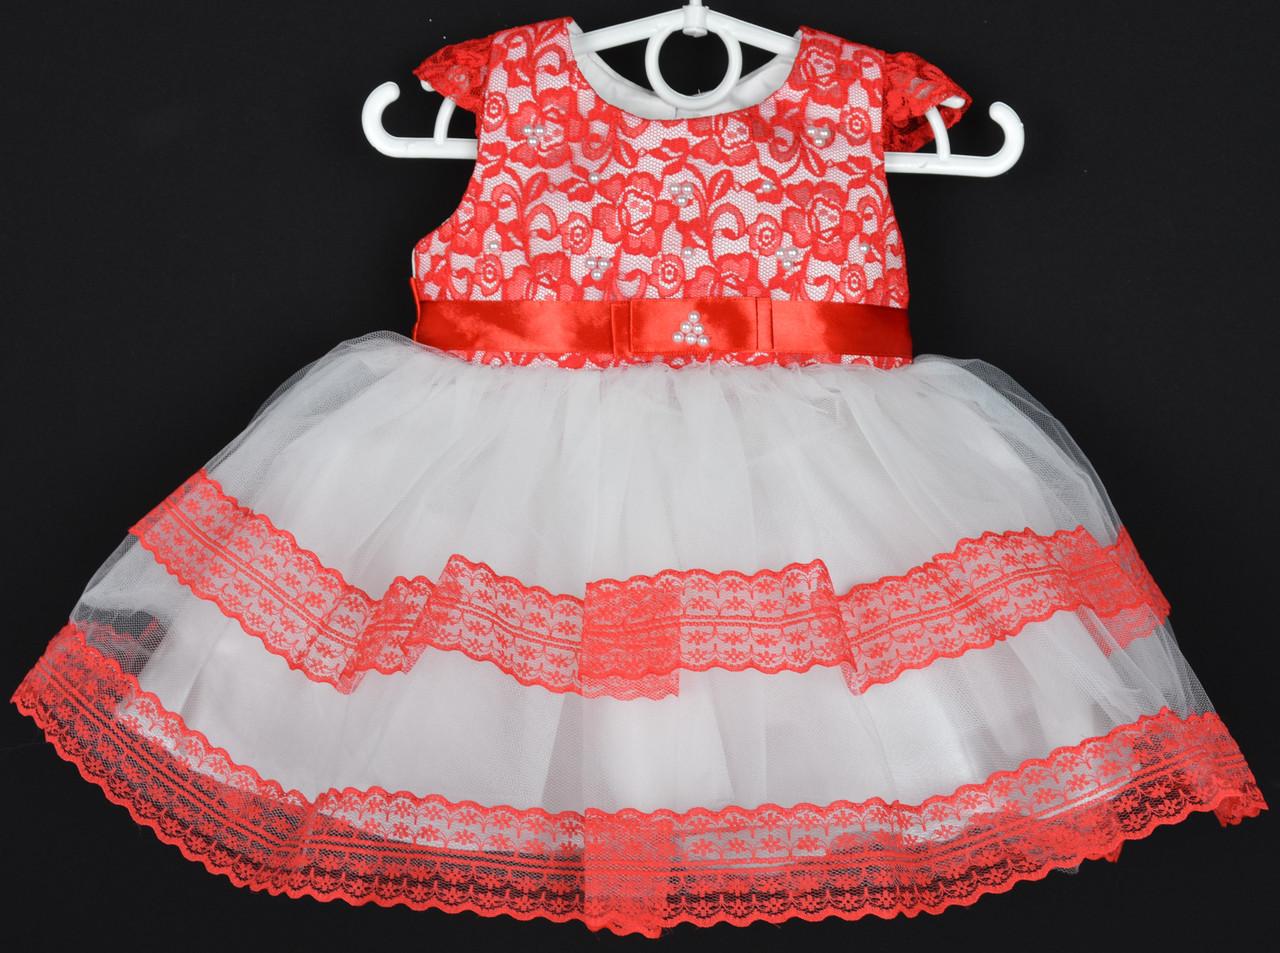 """Платье нарядное детское """"Дюймовочка"""". 1-1,5 года. Красно-белое. Оптом и в розницу"""